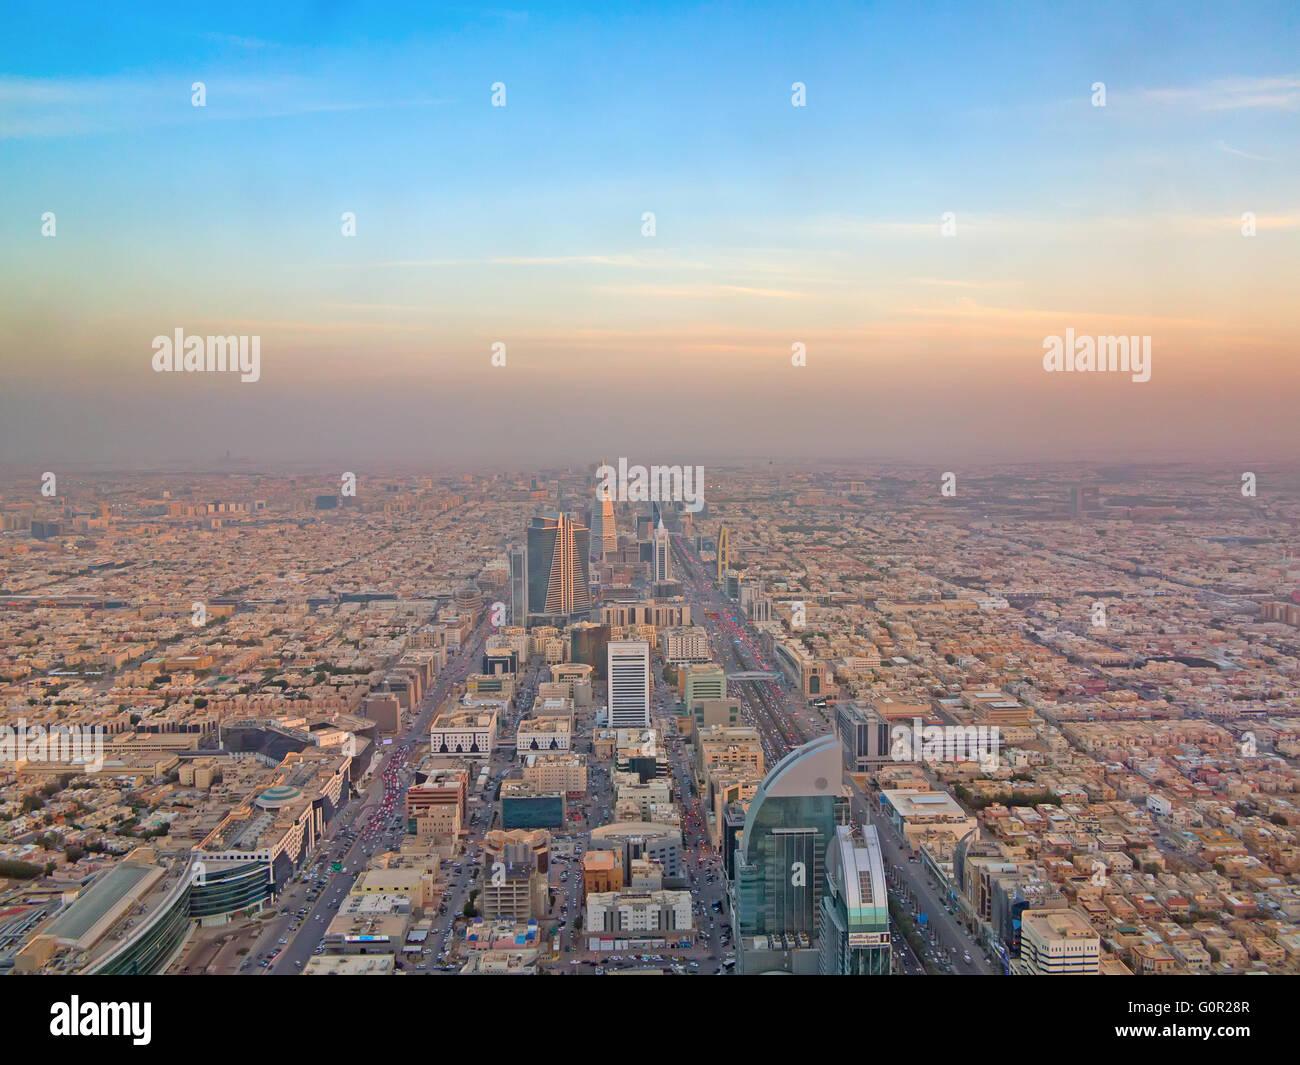 RIYADH - febbraio 29: Veduta aerea di Riyadh nel centro cittadino di Febbraio 29, 2016 a Riyadh in Arabia Saudita. Immagini Stock